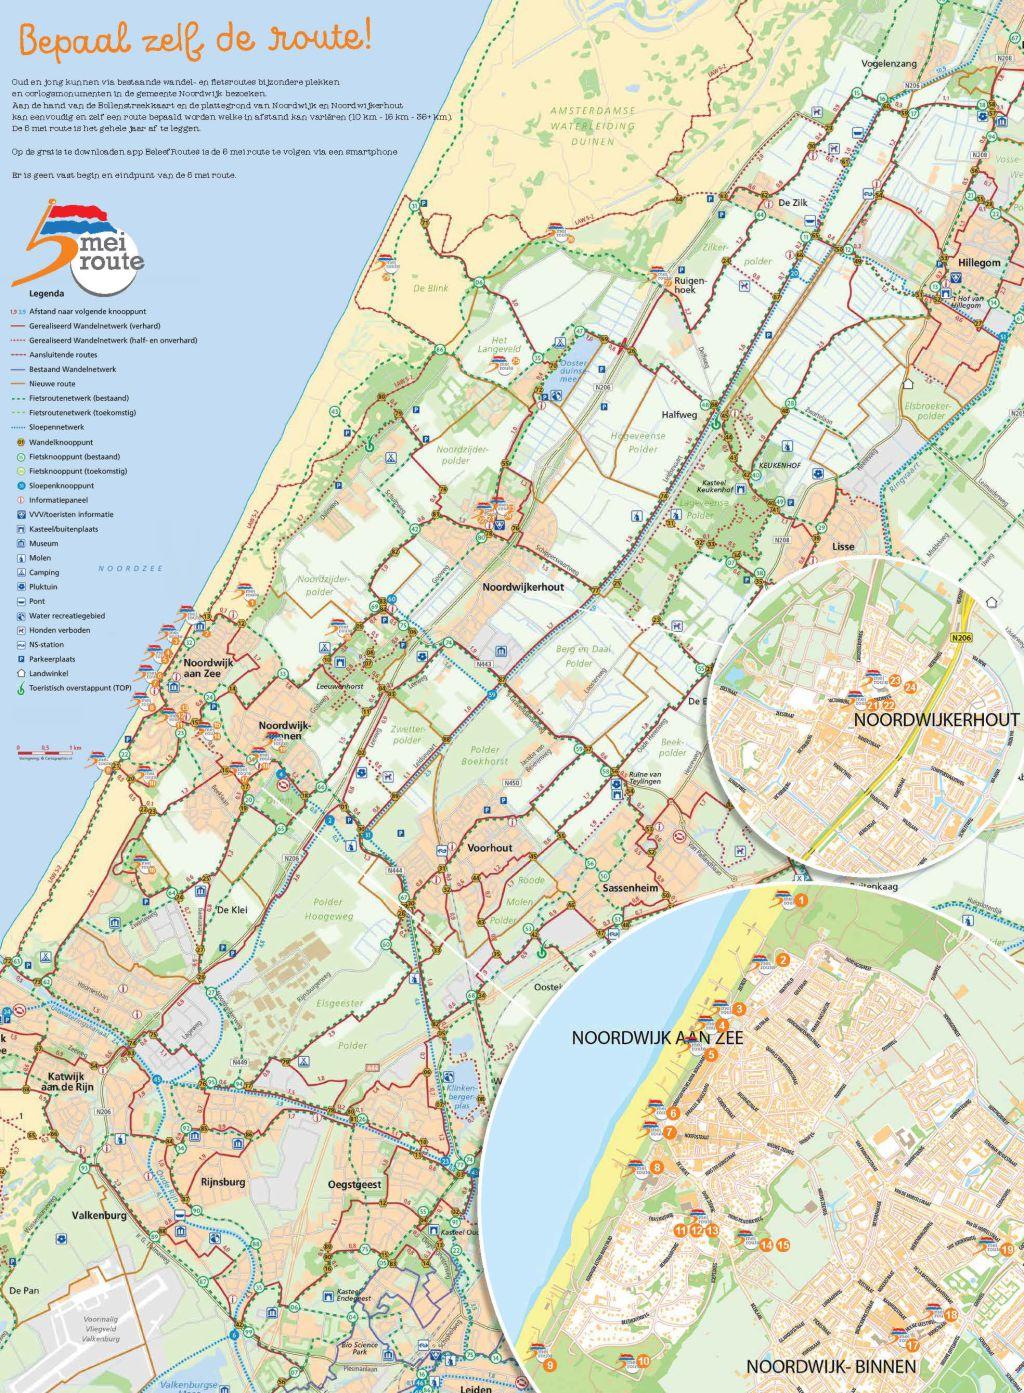 5 Mei Routekaart, Oranjeroute, Oranjeroute Noordwijk, Oranjeroute De Zilk, Oranjeroute Noordwijkerhout, Oranjeroute Bollenstreek